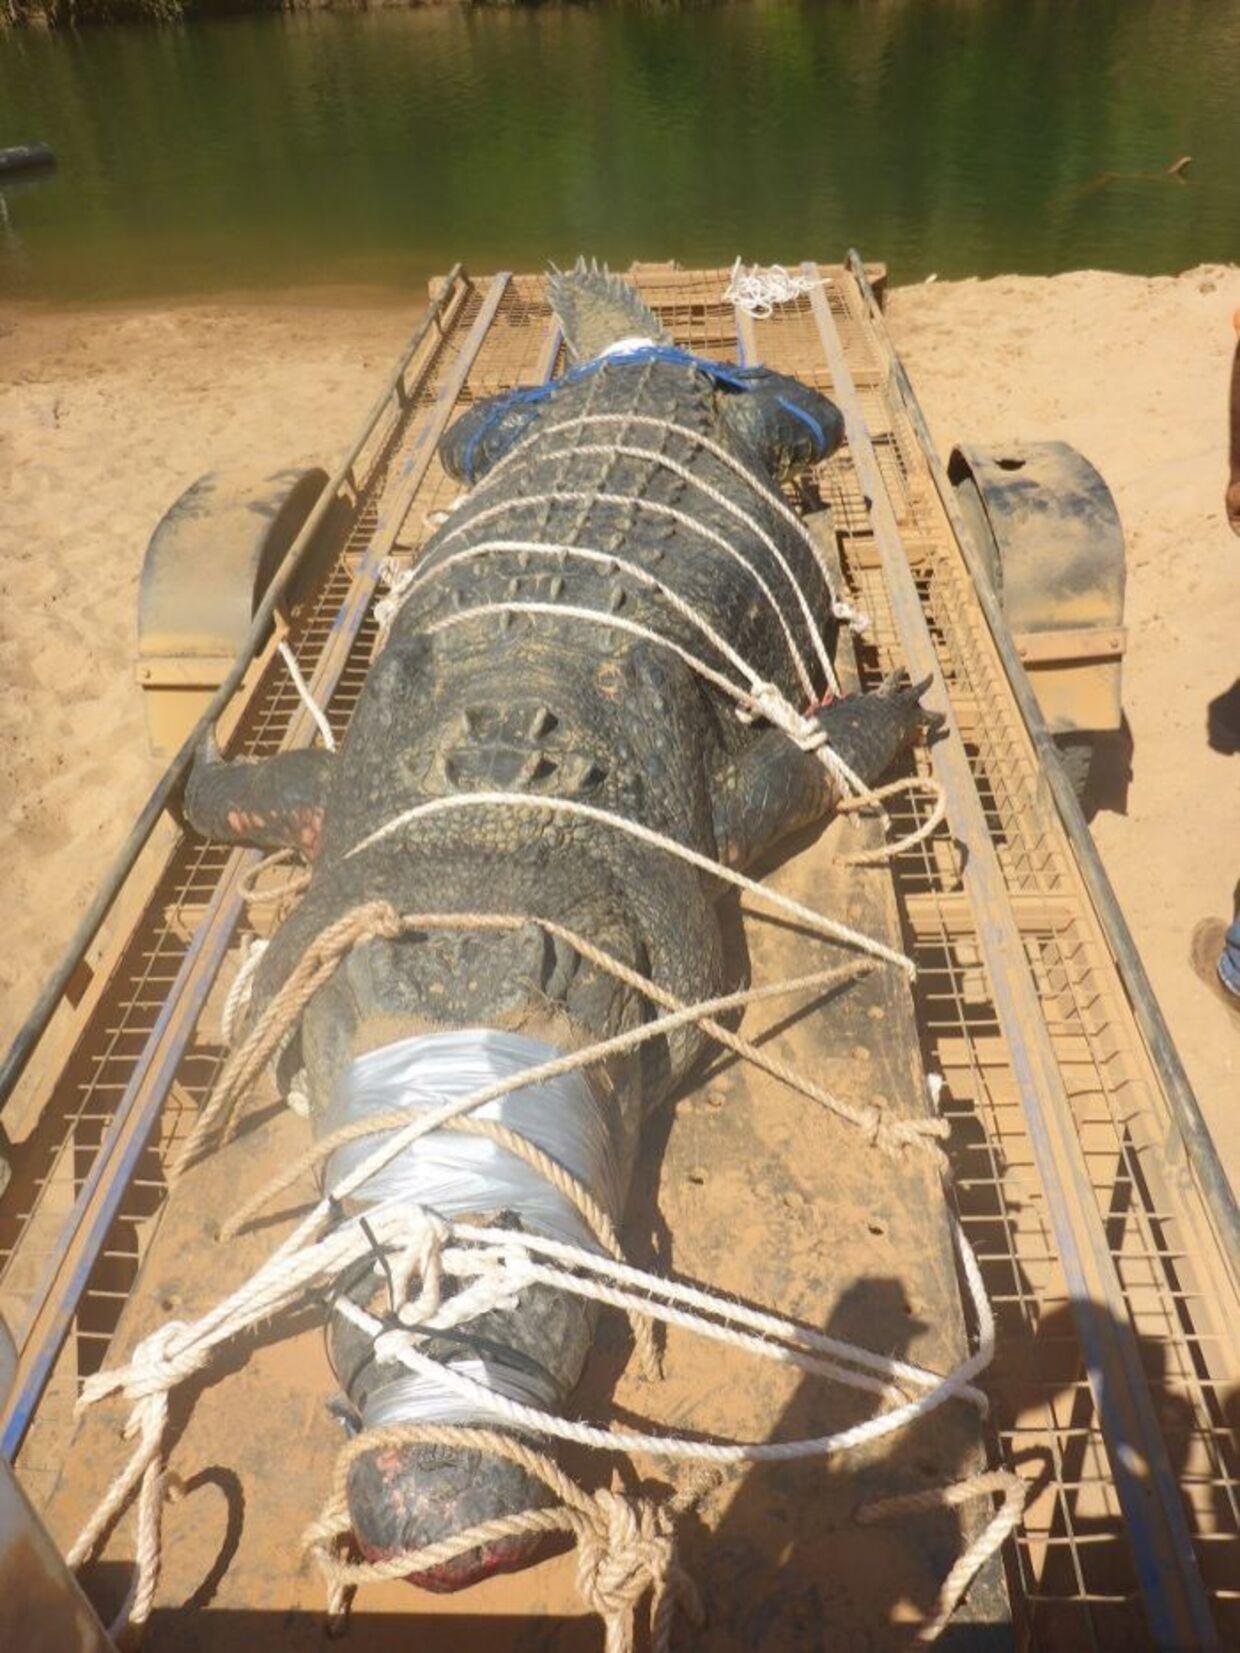 Den vejer godt 600 kilogram, den store krokodille.